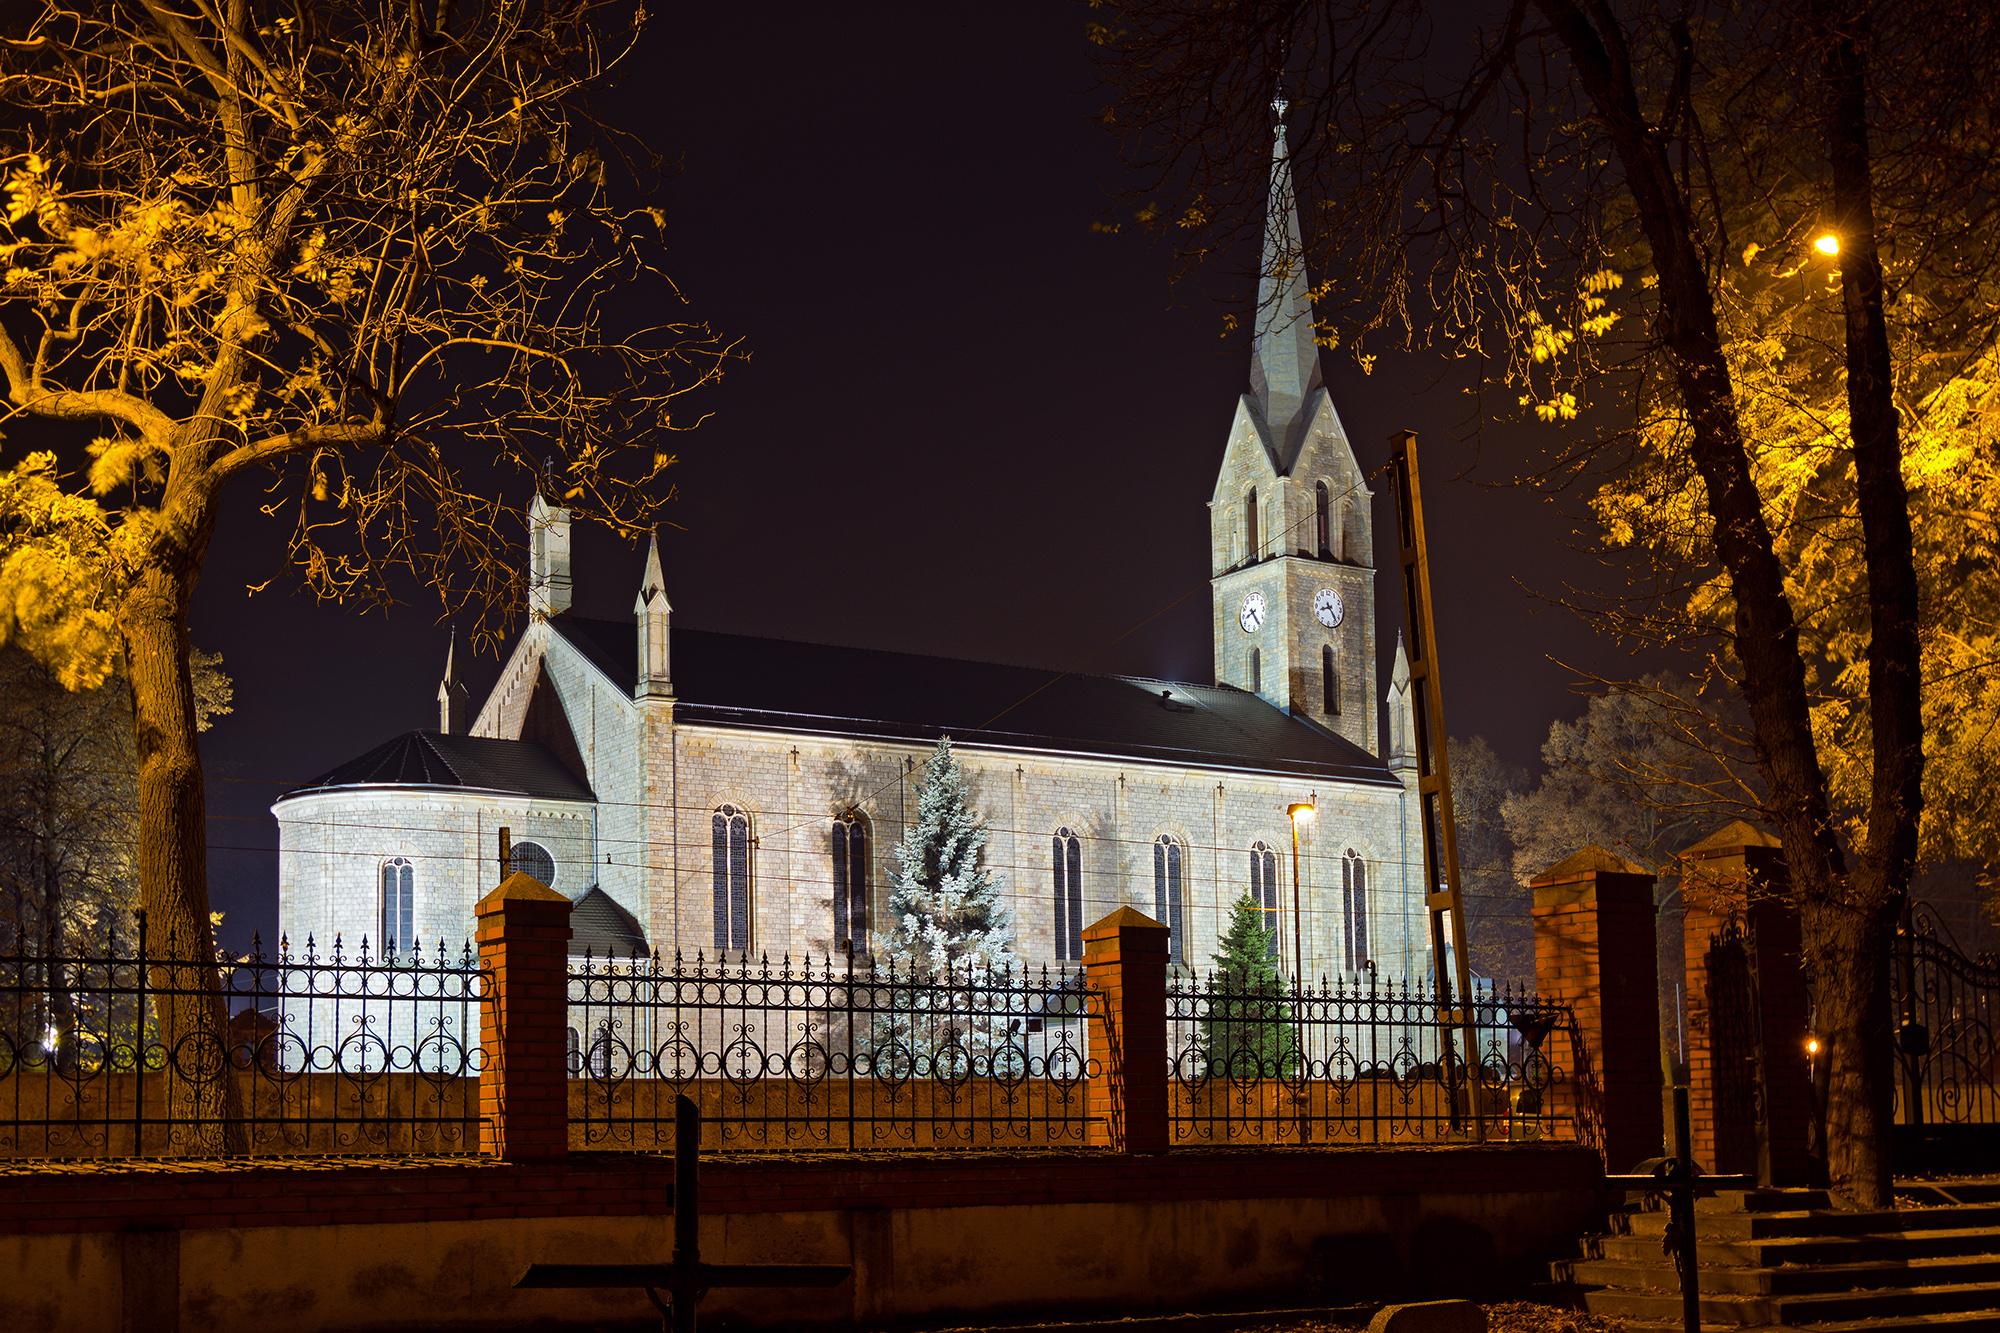 Widok kościoła z cmentarza - listopad 2016